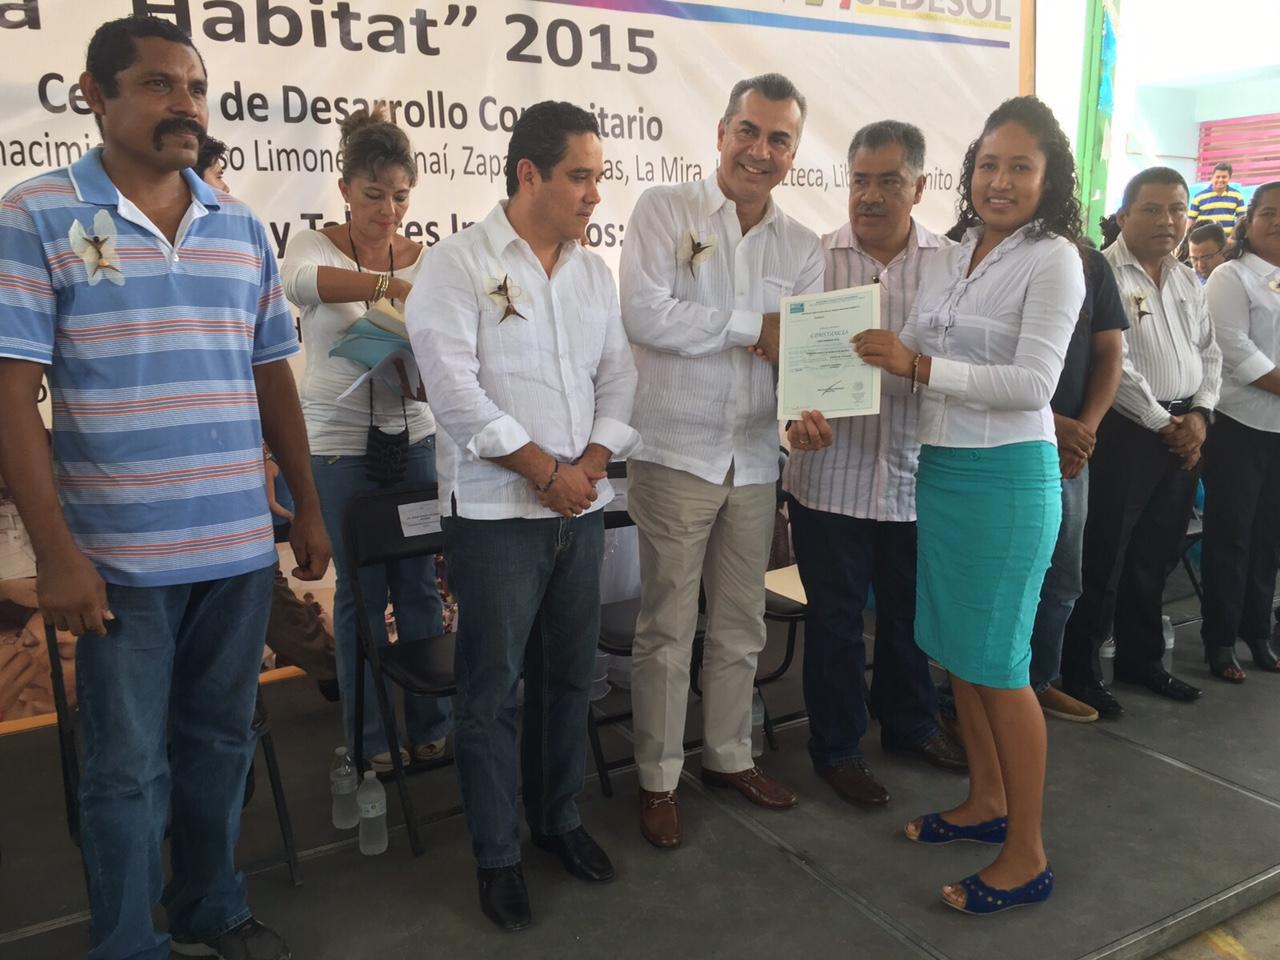 El delegado en Guerrero entrega reconocimientos a los beneficiados del programa Hábitat.